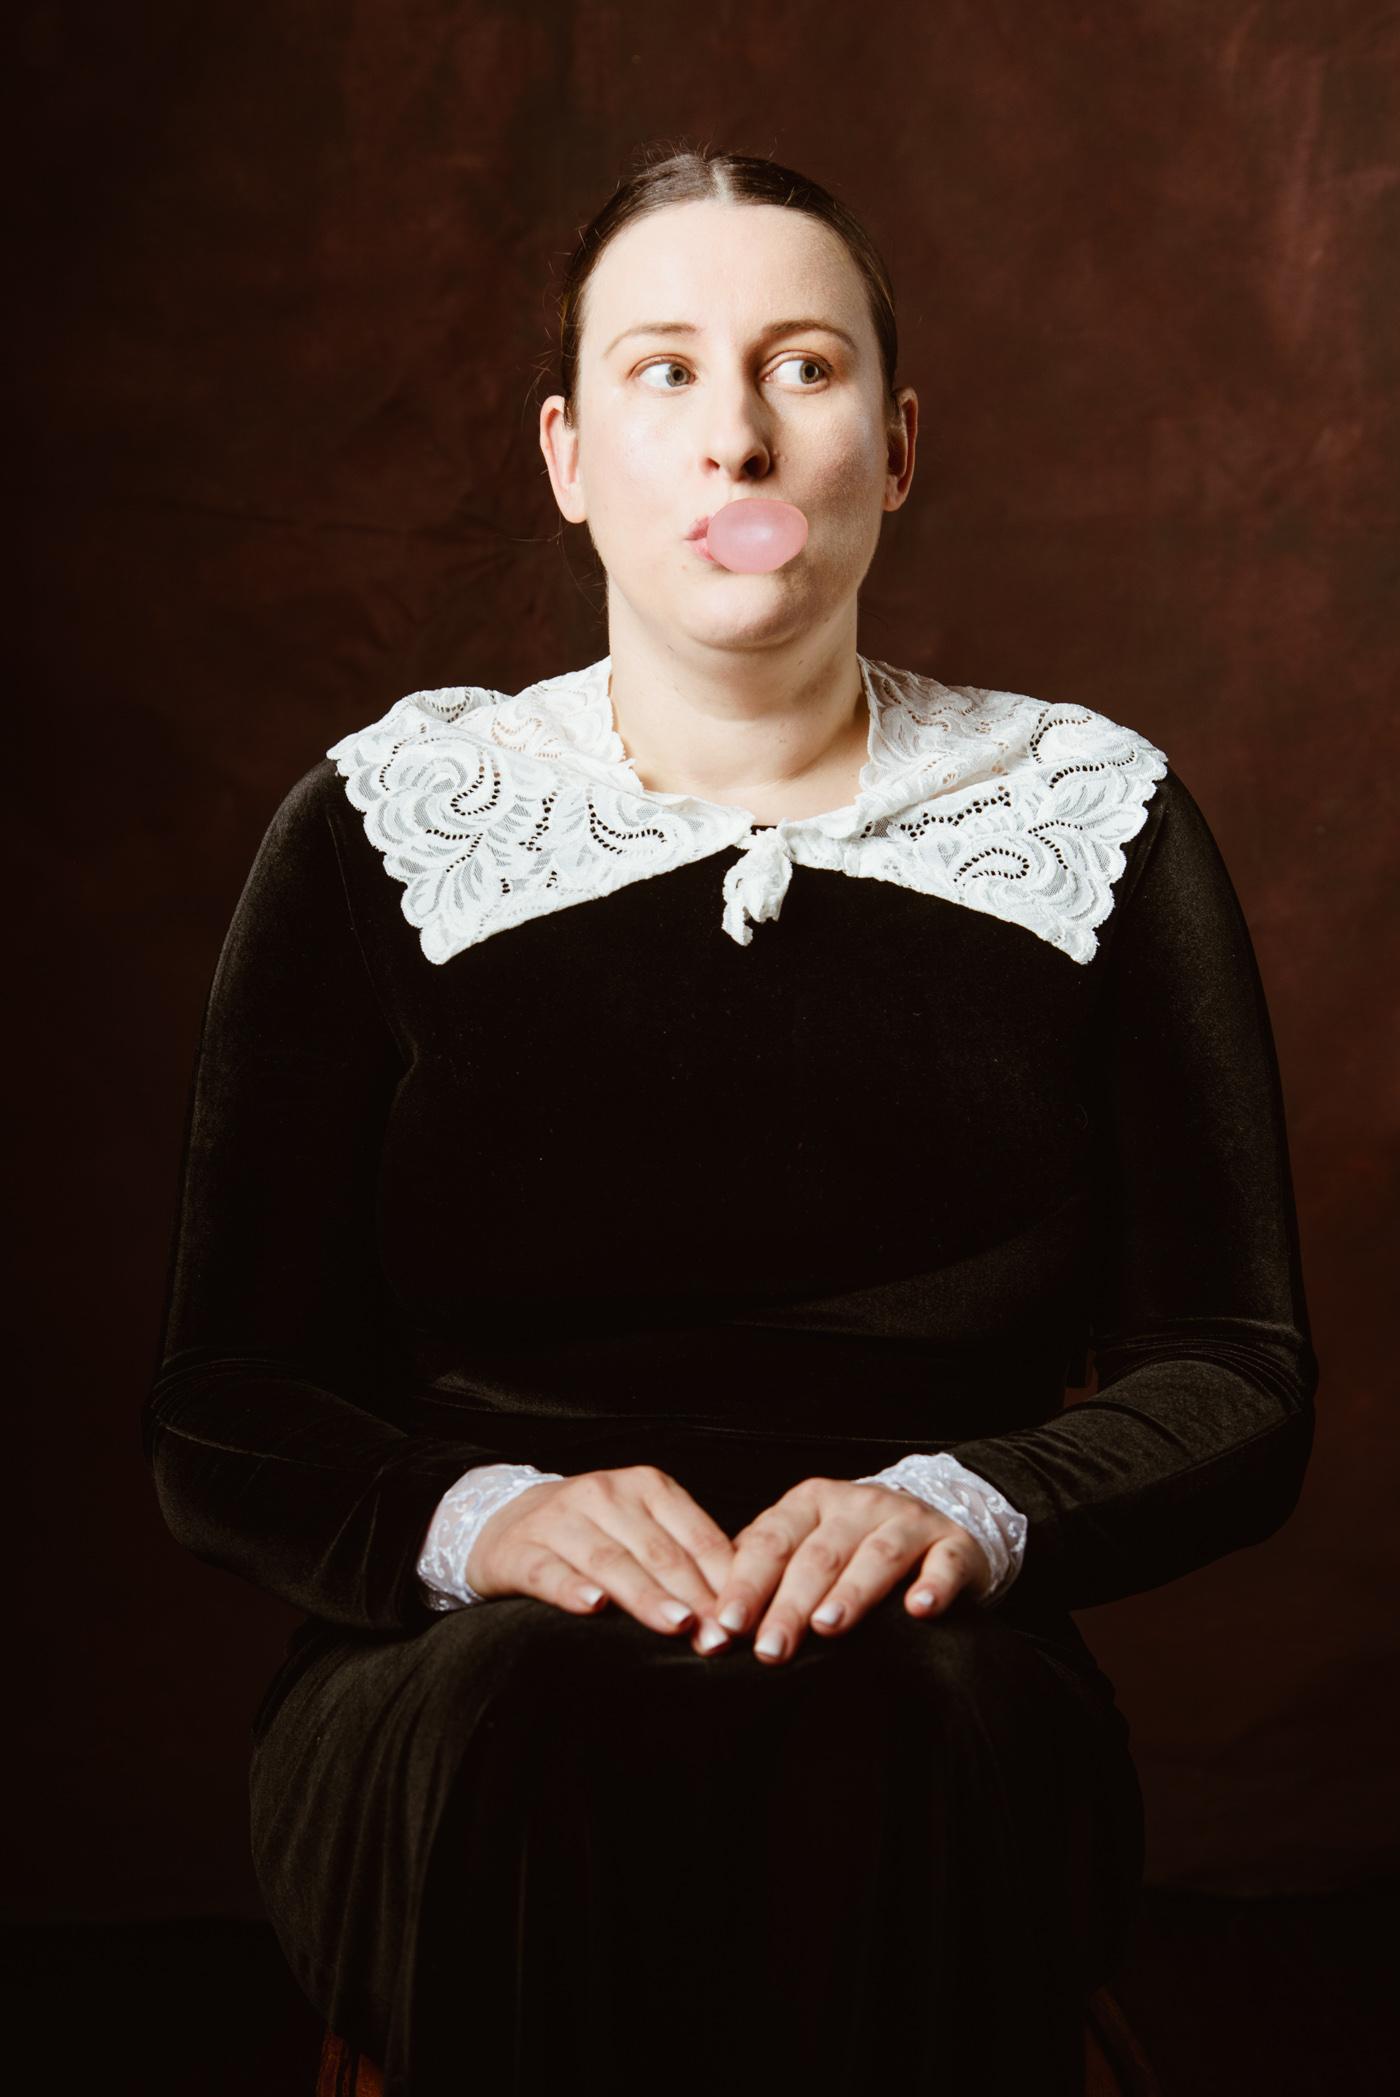 une femme pose en train de faire une bulle avec son chewing gum